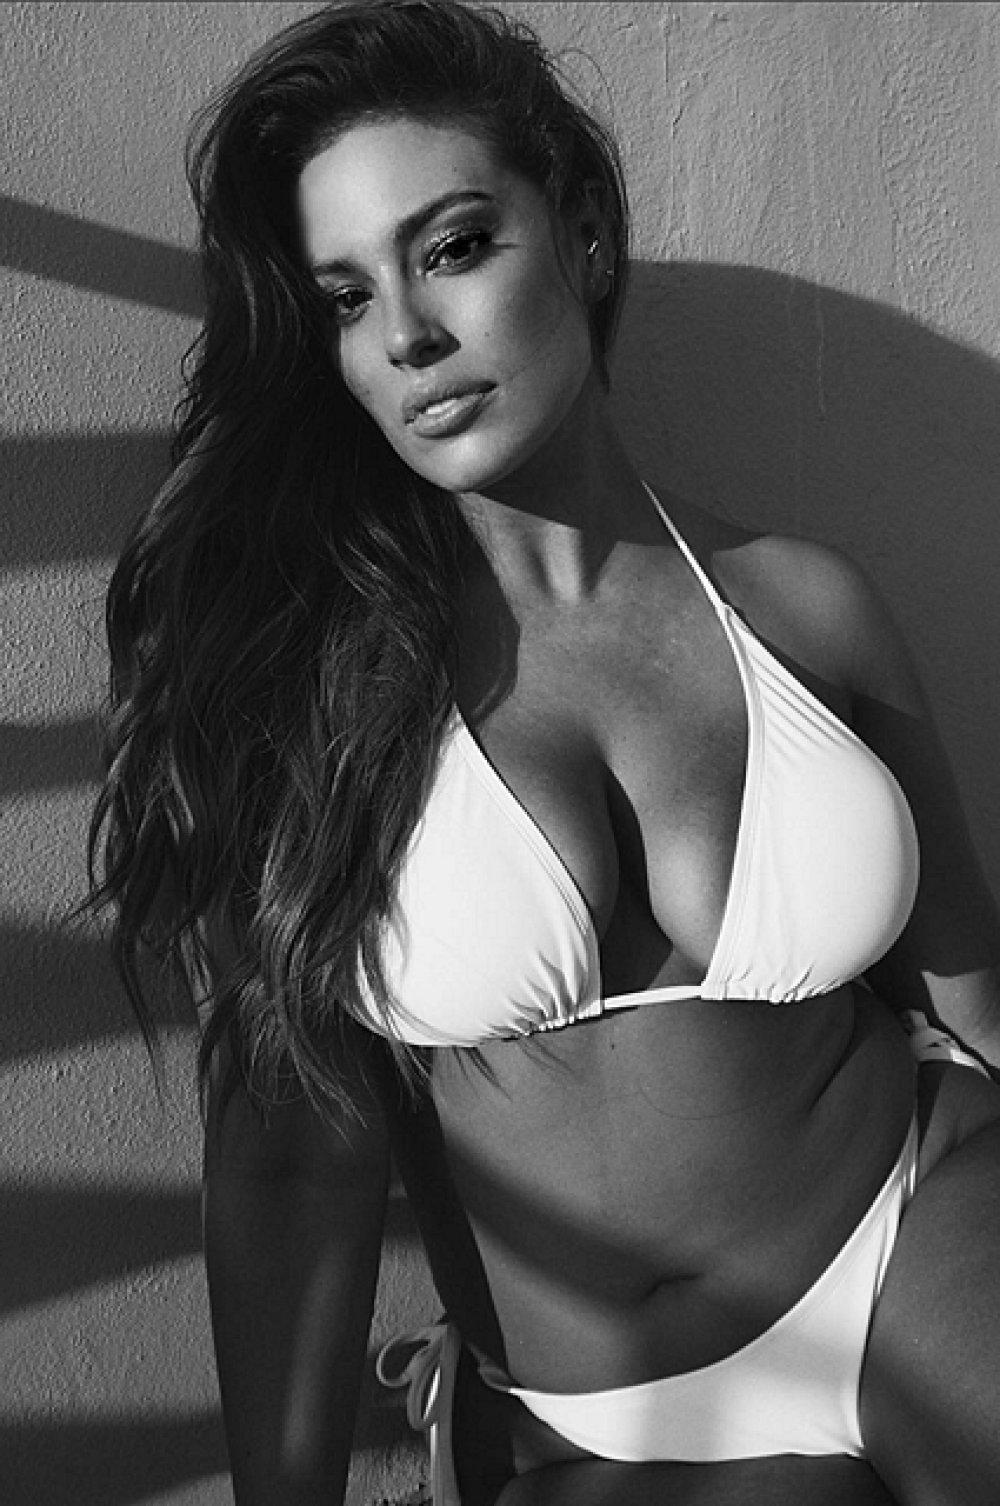 Пышная красота: модель plus-size Эшли Грэм снялась в бикини